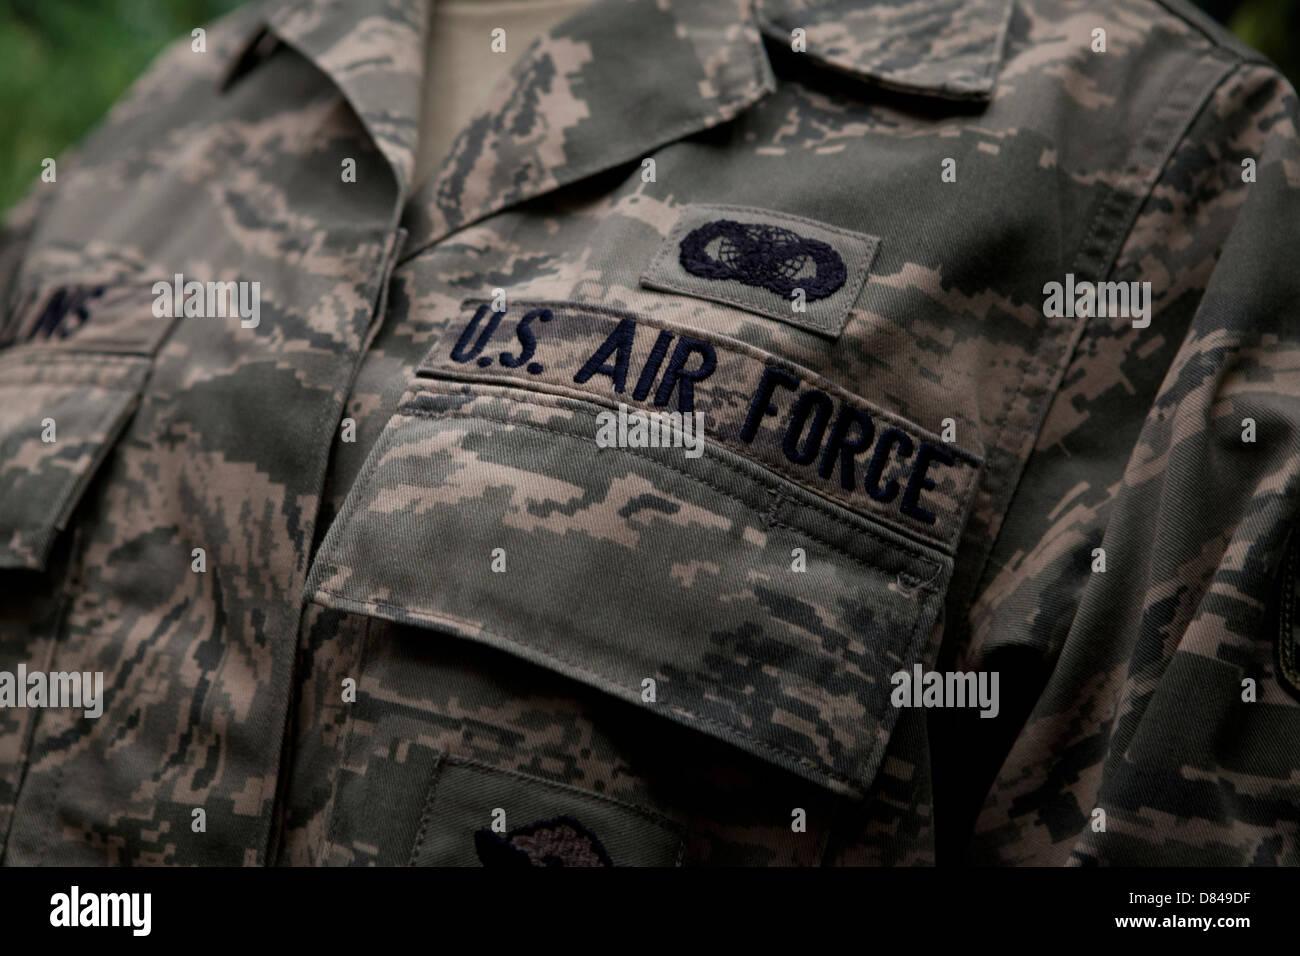 US Air Force airman battle uniform - Stock Image